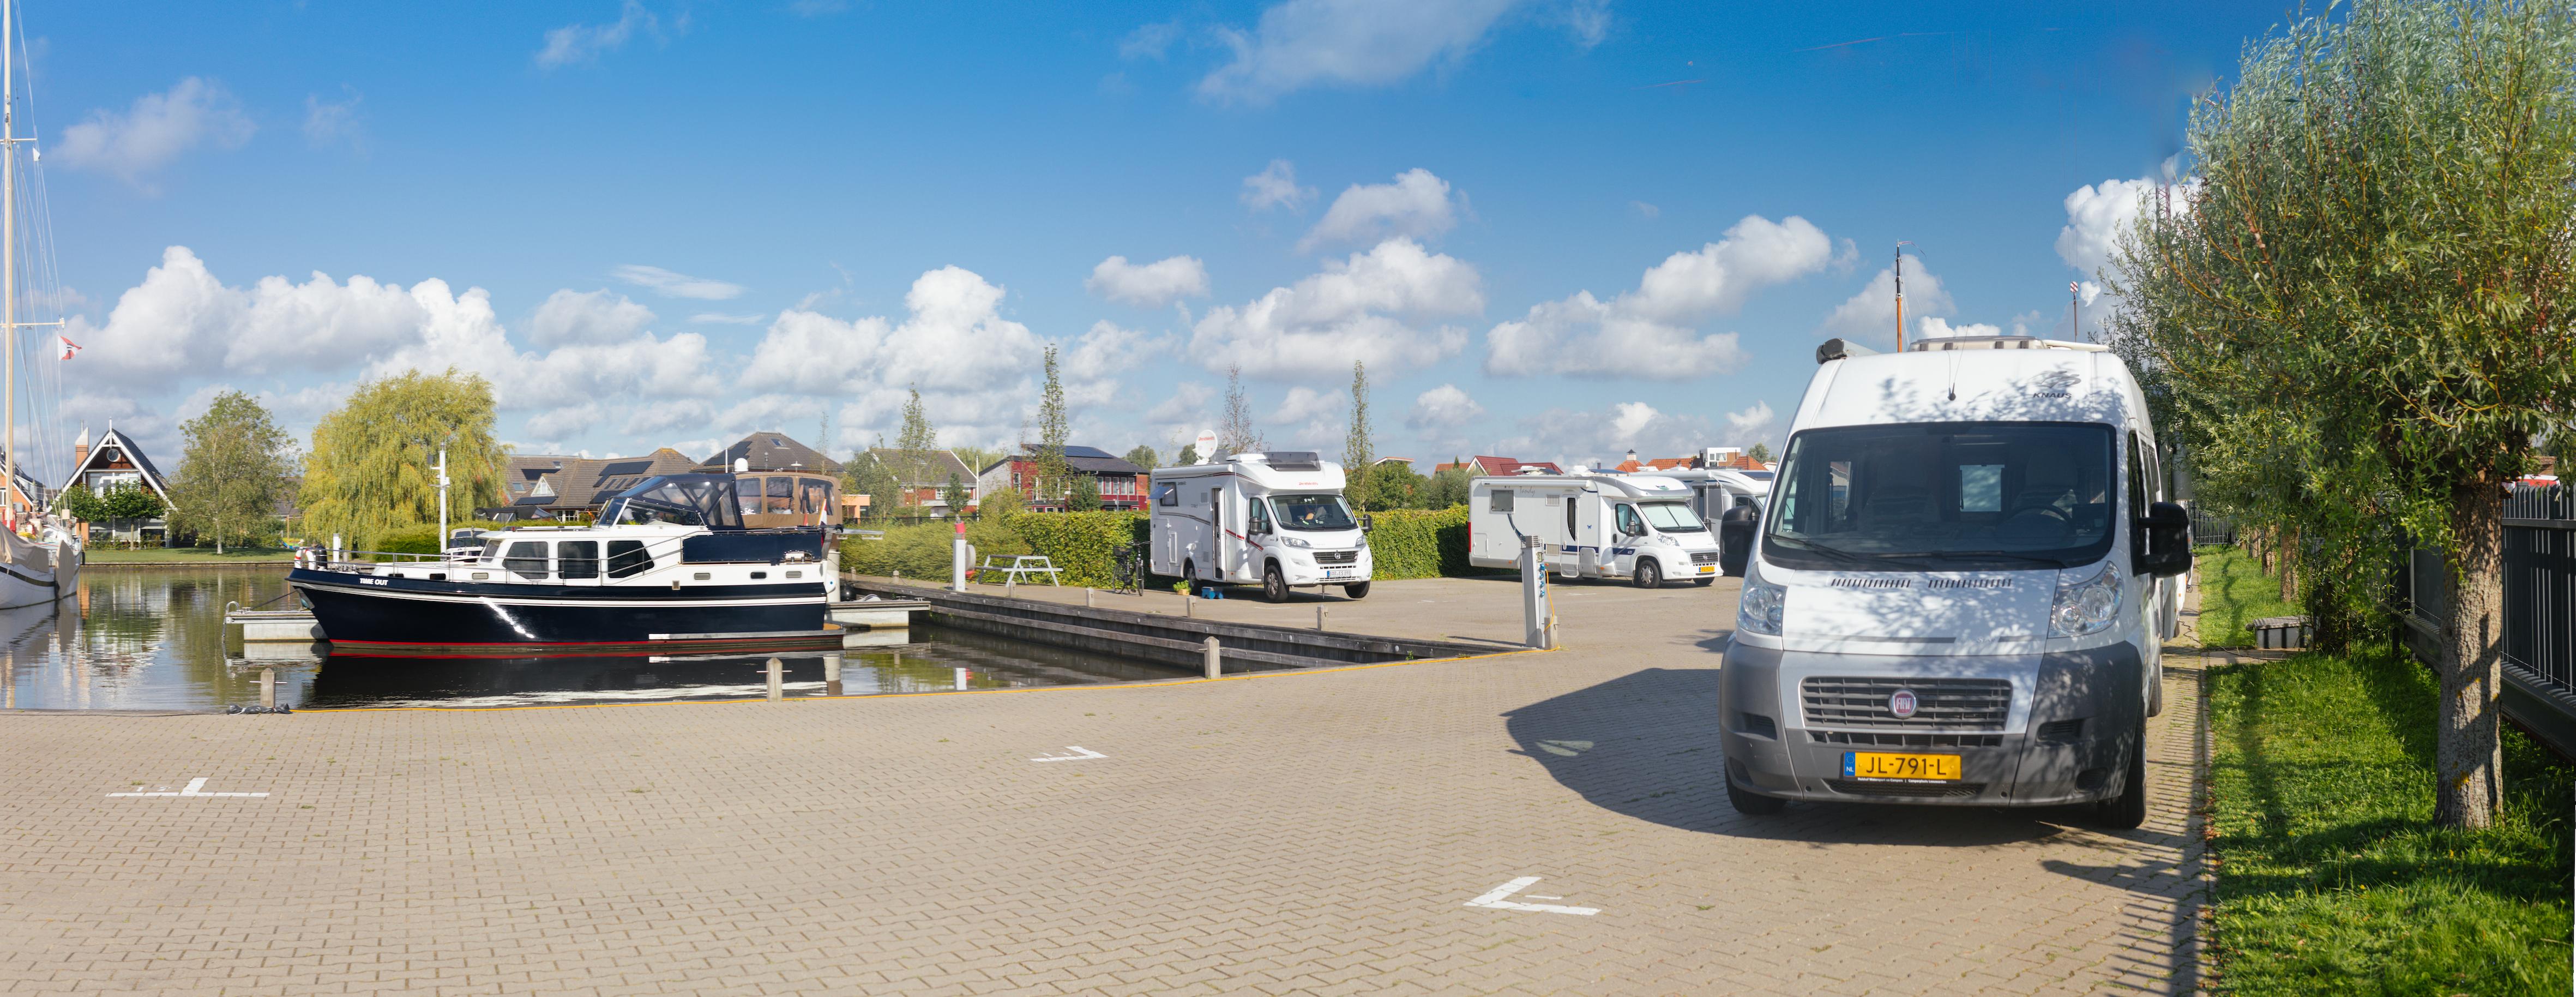 Camperplaats Leeuwarden. 18 camperplaatsen dichtbij de stad aan het water.